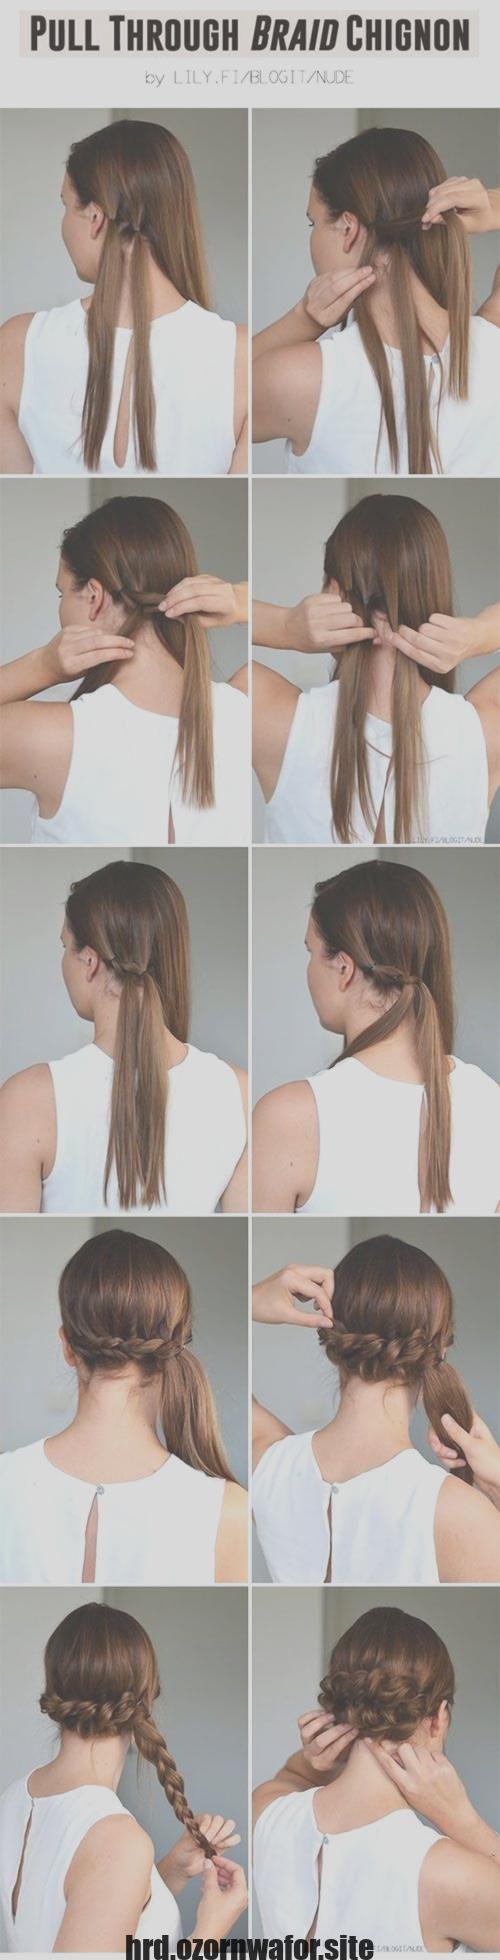 Die besten Fotos hübsche und einfache Frisuren Gedanken Fassen zusammen, weil es eine neue Welle von Frisurgedanken für 2020 gibt, die auf Sie zukommen. Kombinieren ...